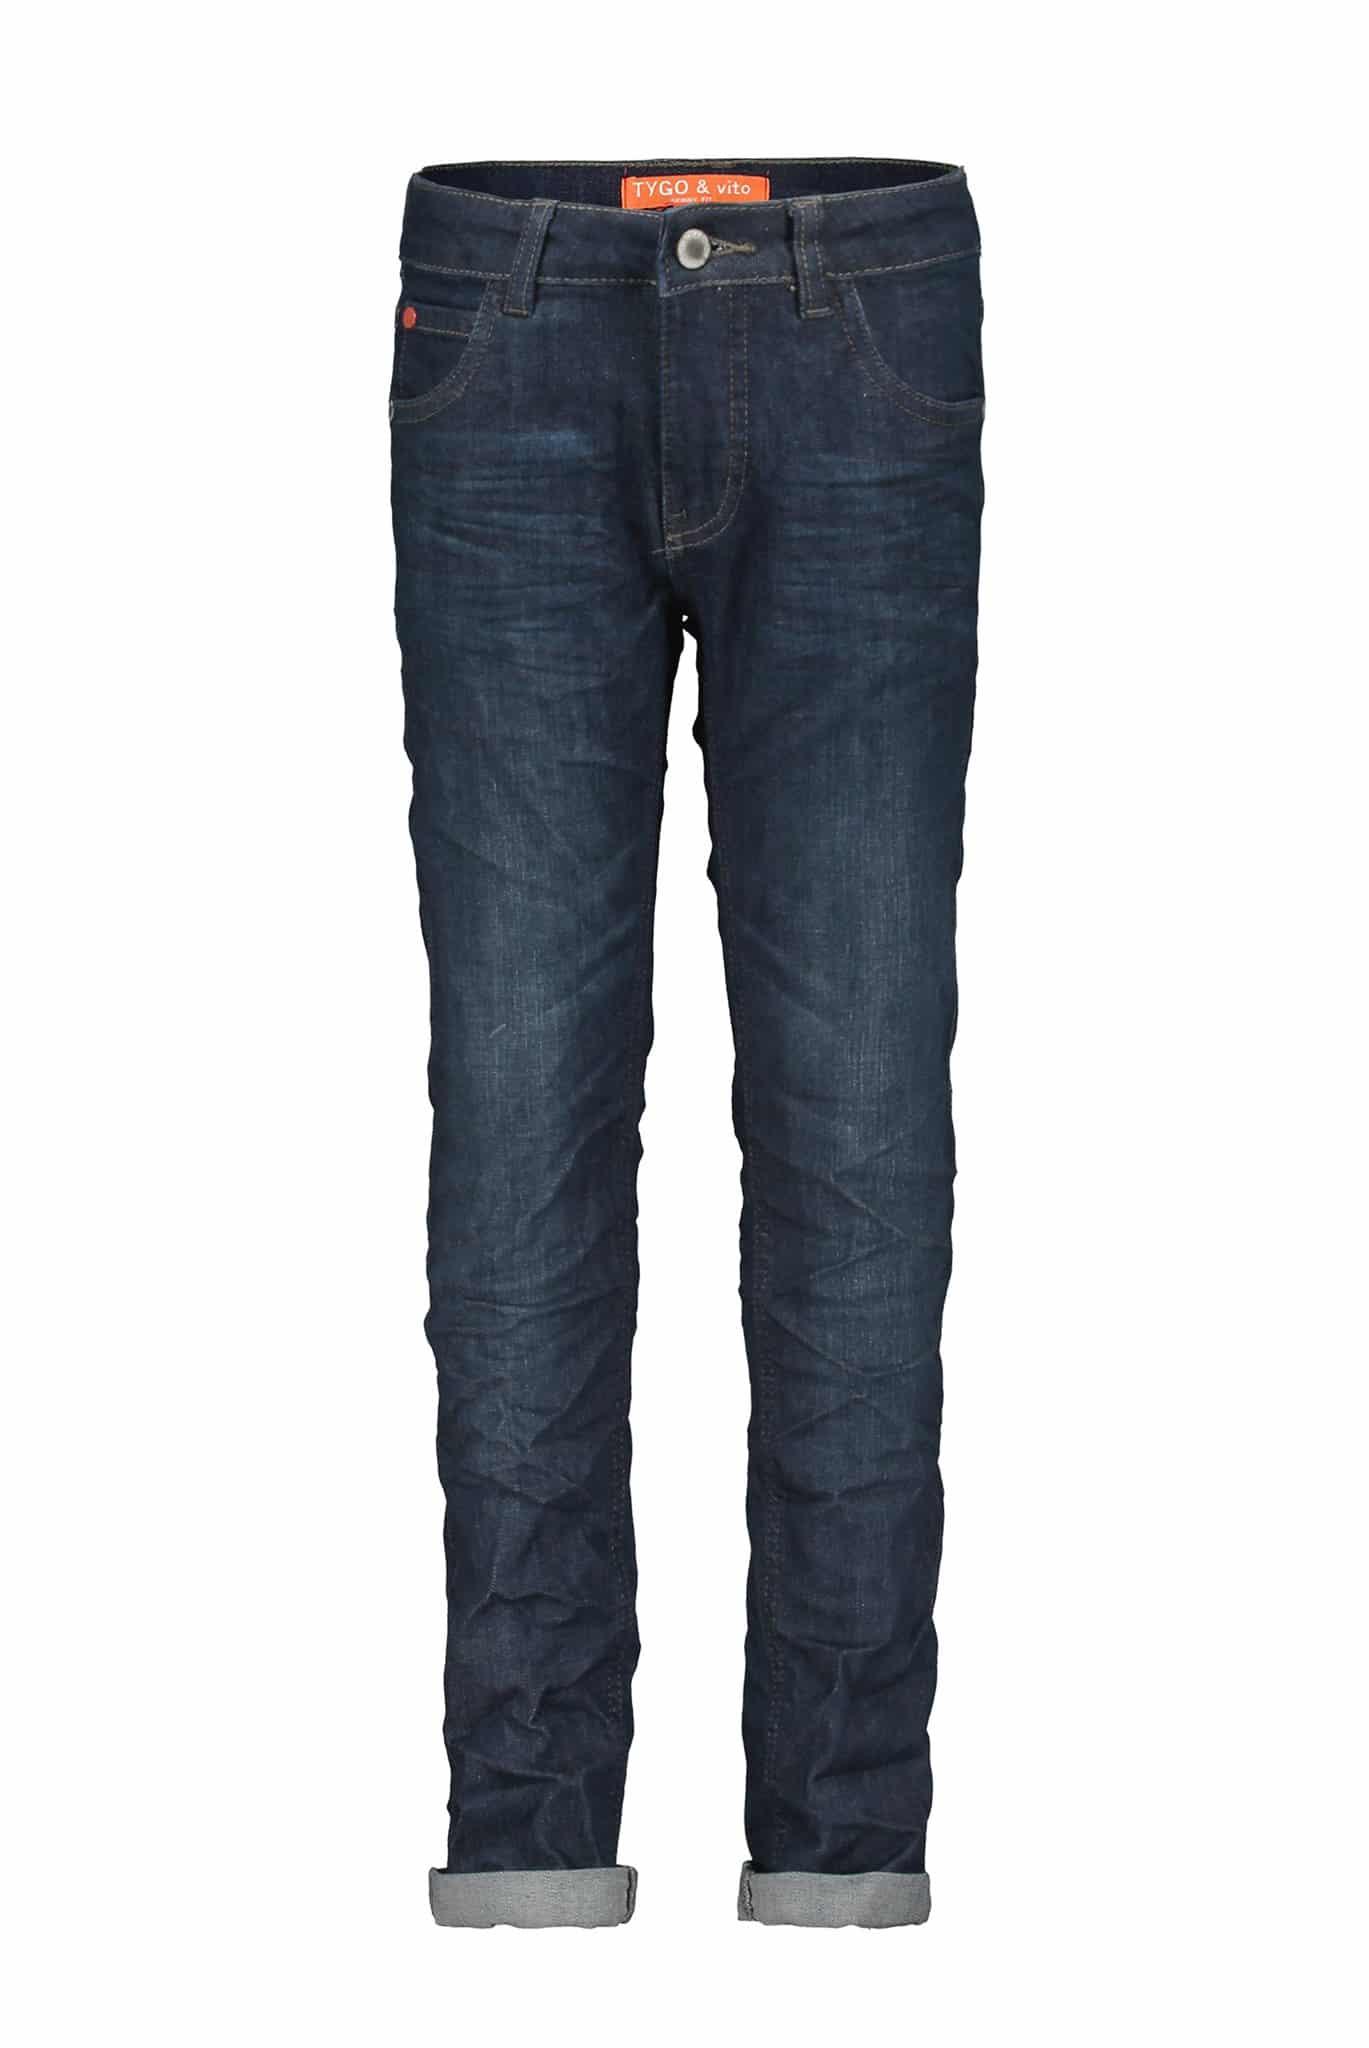 Tygo&Vito Noos Jeans